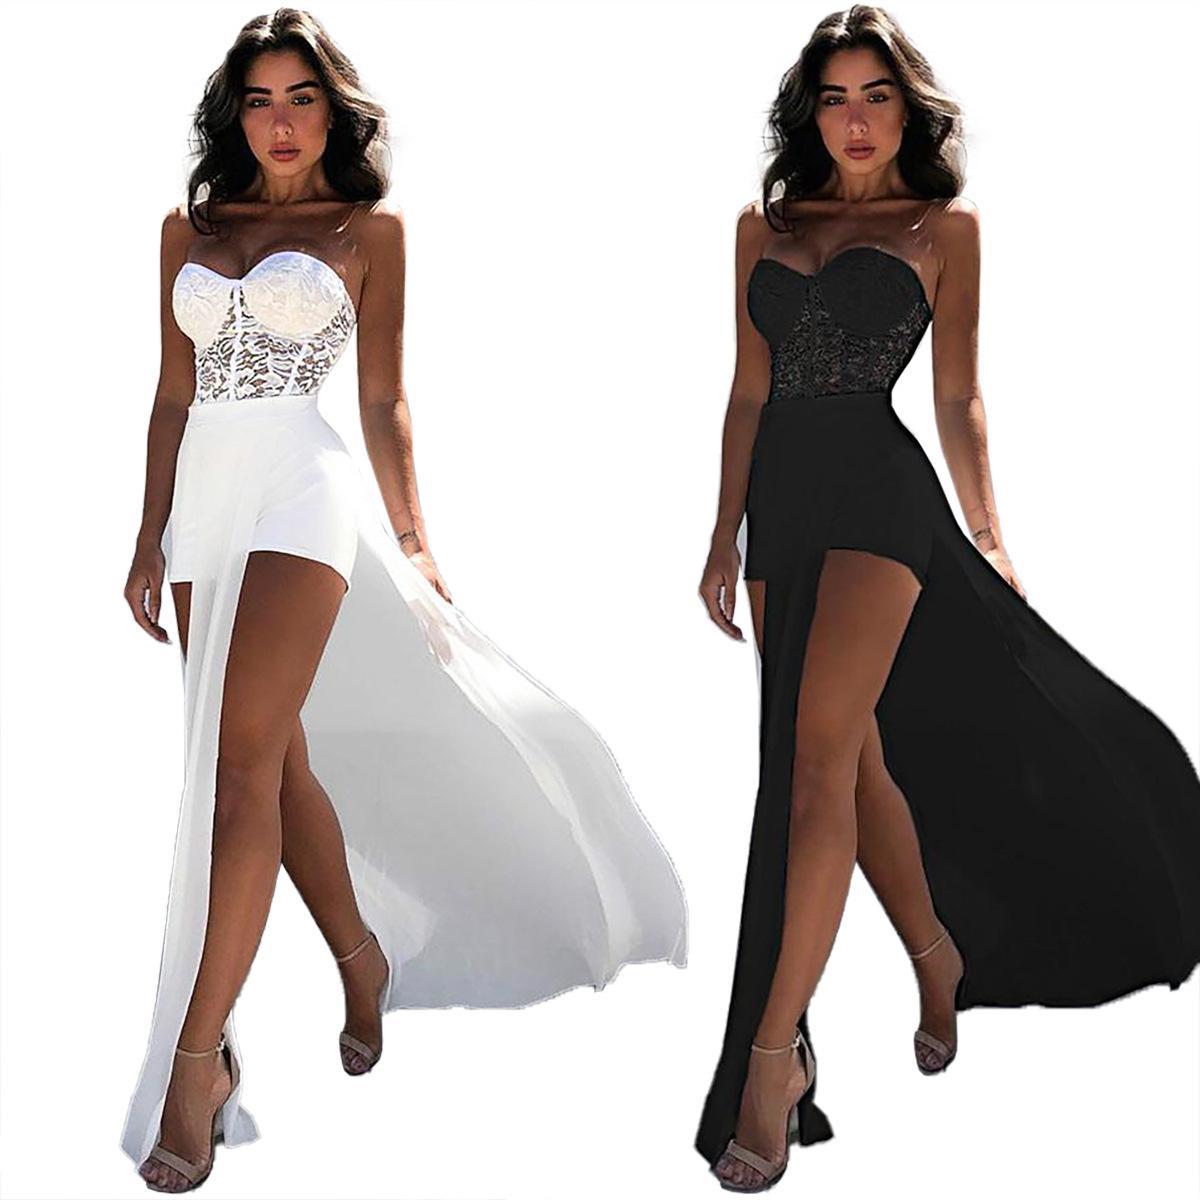 Las mujeres del verano del mameluco atractivo elegante del hombro de una pieza de las mujeres del cordón perspectiva Sólido Negro Blanco corto ocasional del mono T200521